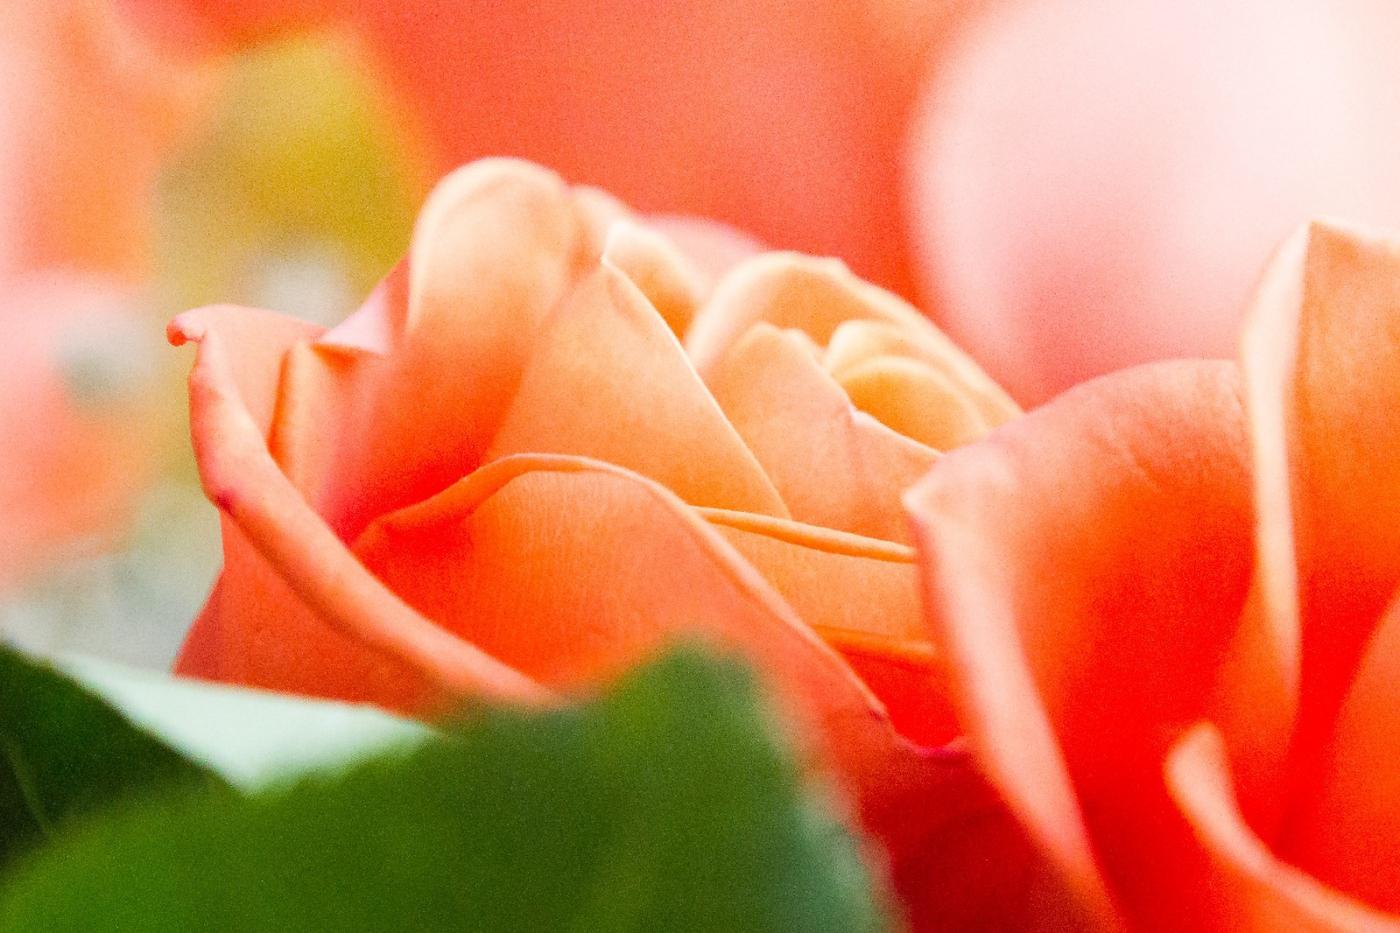 情人节你送花了吗?_图1-9